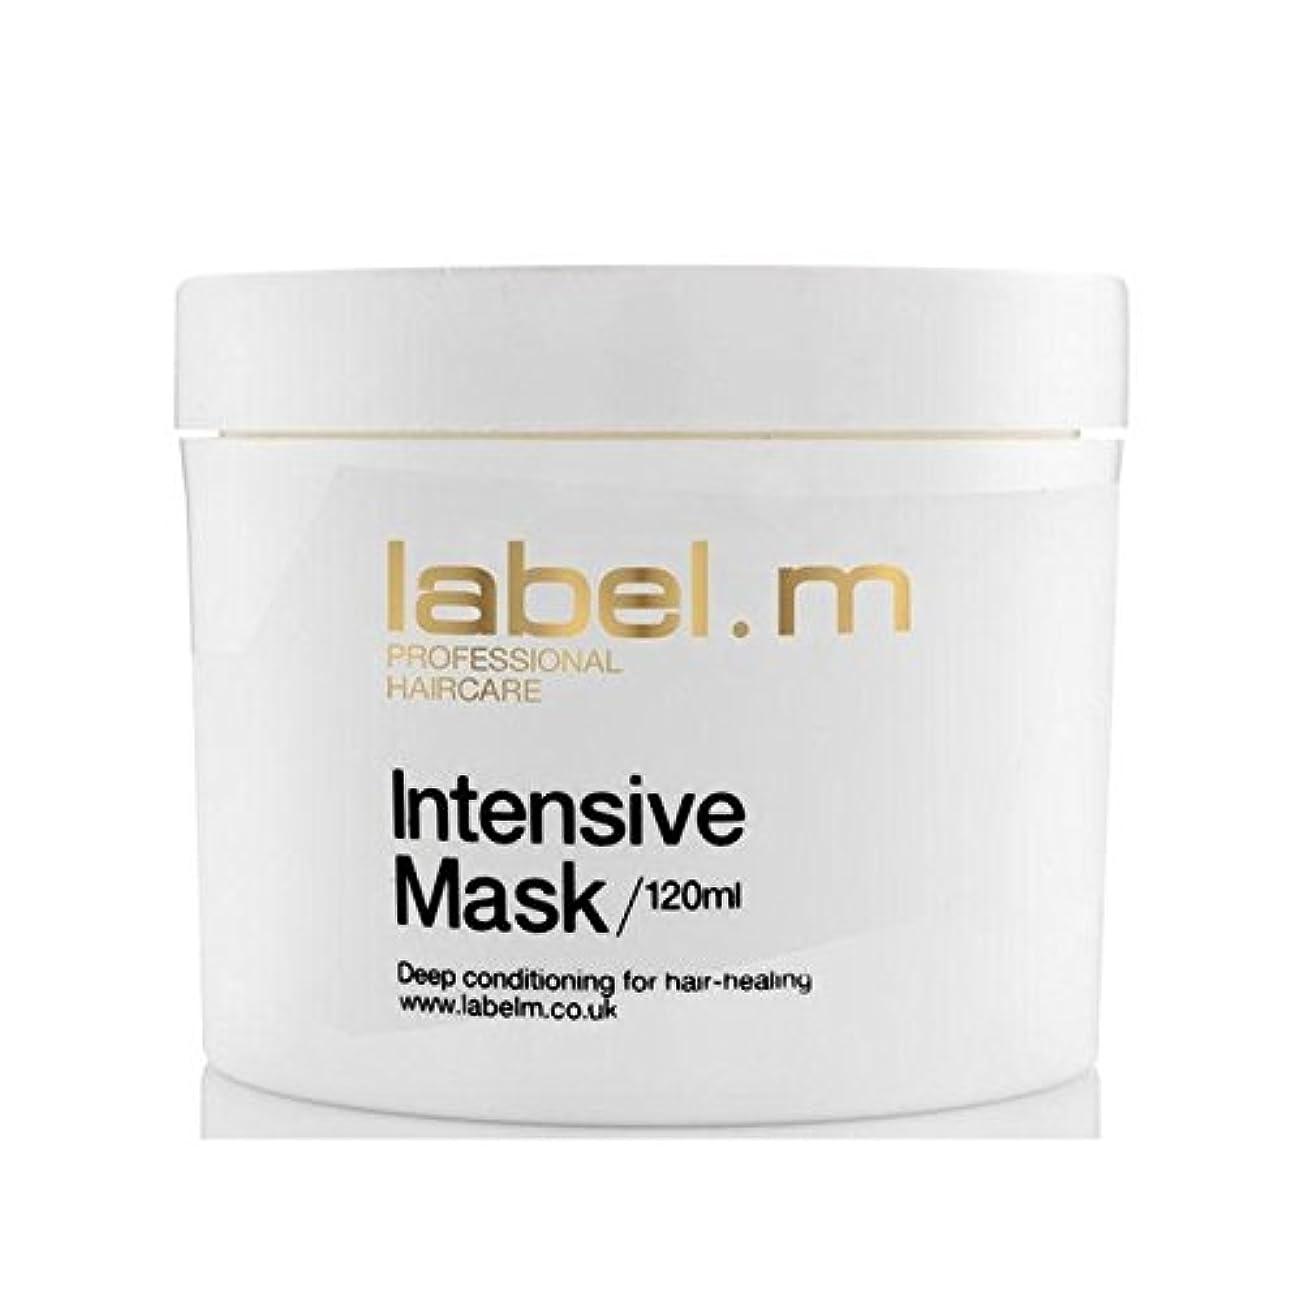 ファントム首尾一貫した電気技師.インテンシブマスク(120ミリリットル) x4 - Label.M Intensive Mask (120ml) (Pack of 4) [並行輸入品]